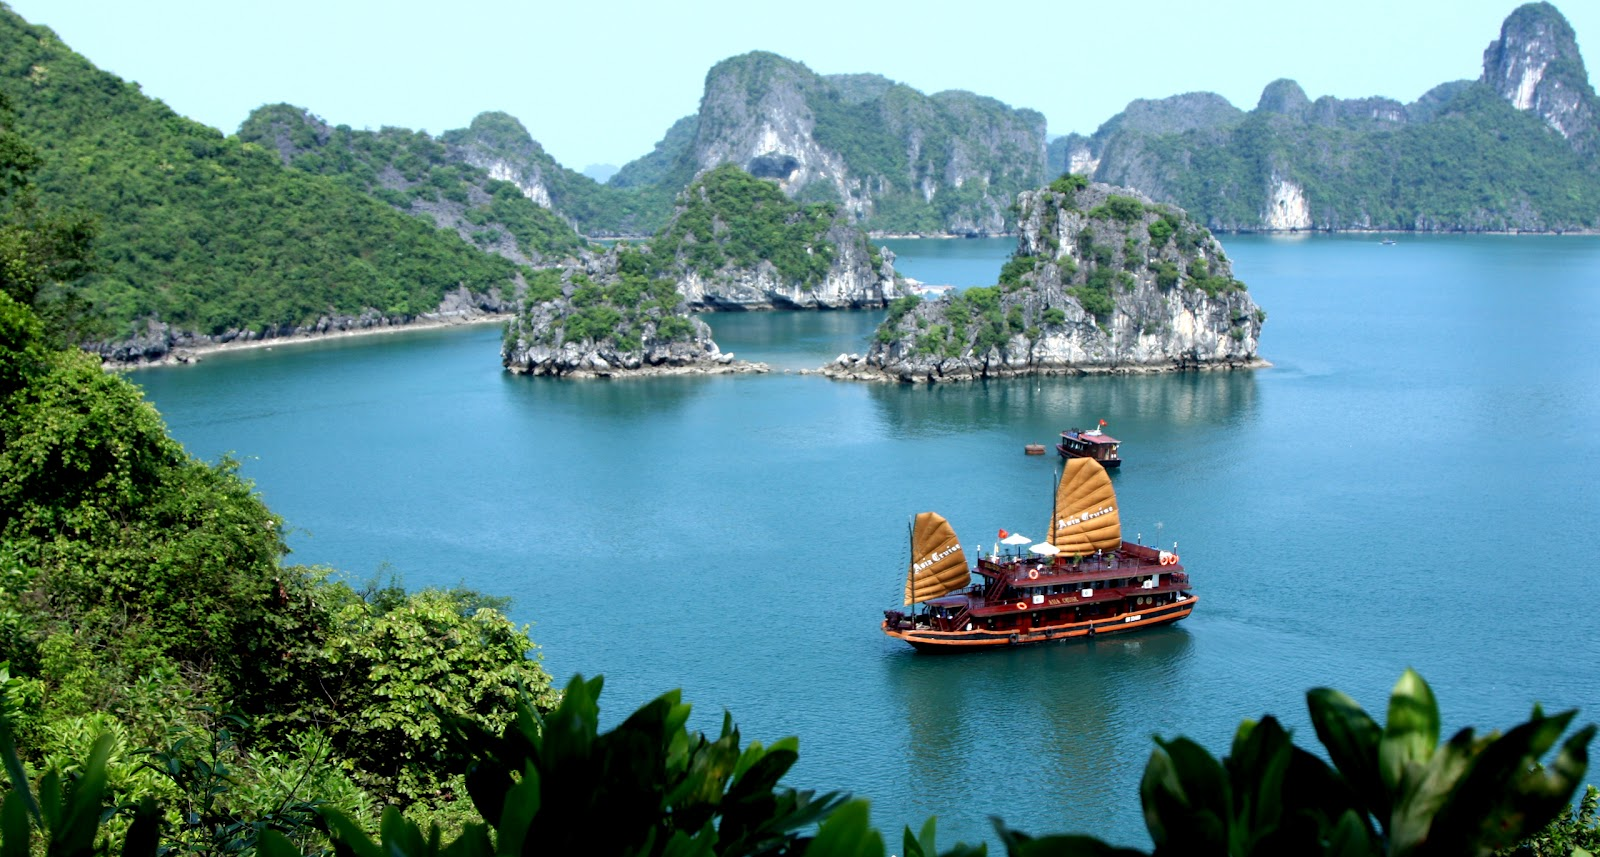 广宁省建议开发与电影《金刚:骷髅岛》有关的旅游产品 hinh 0